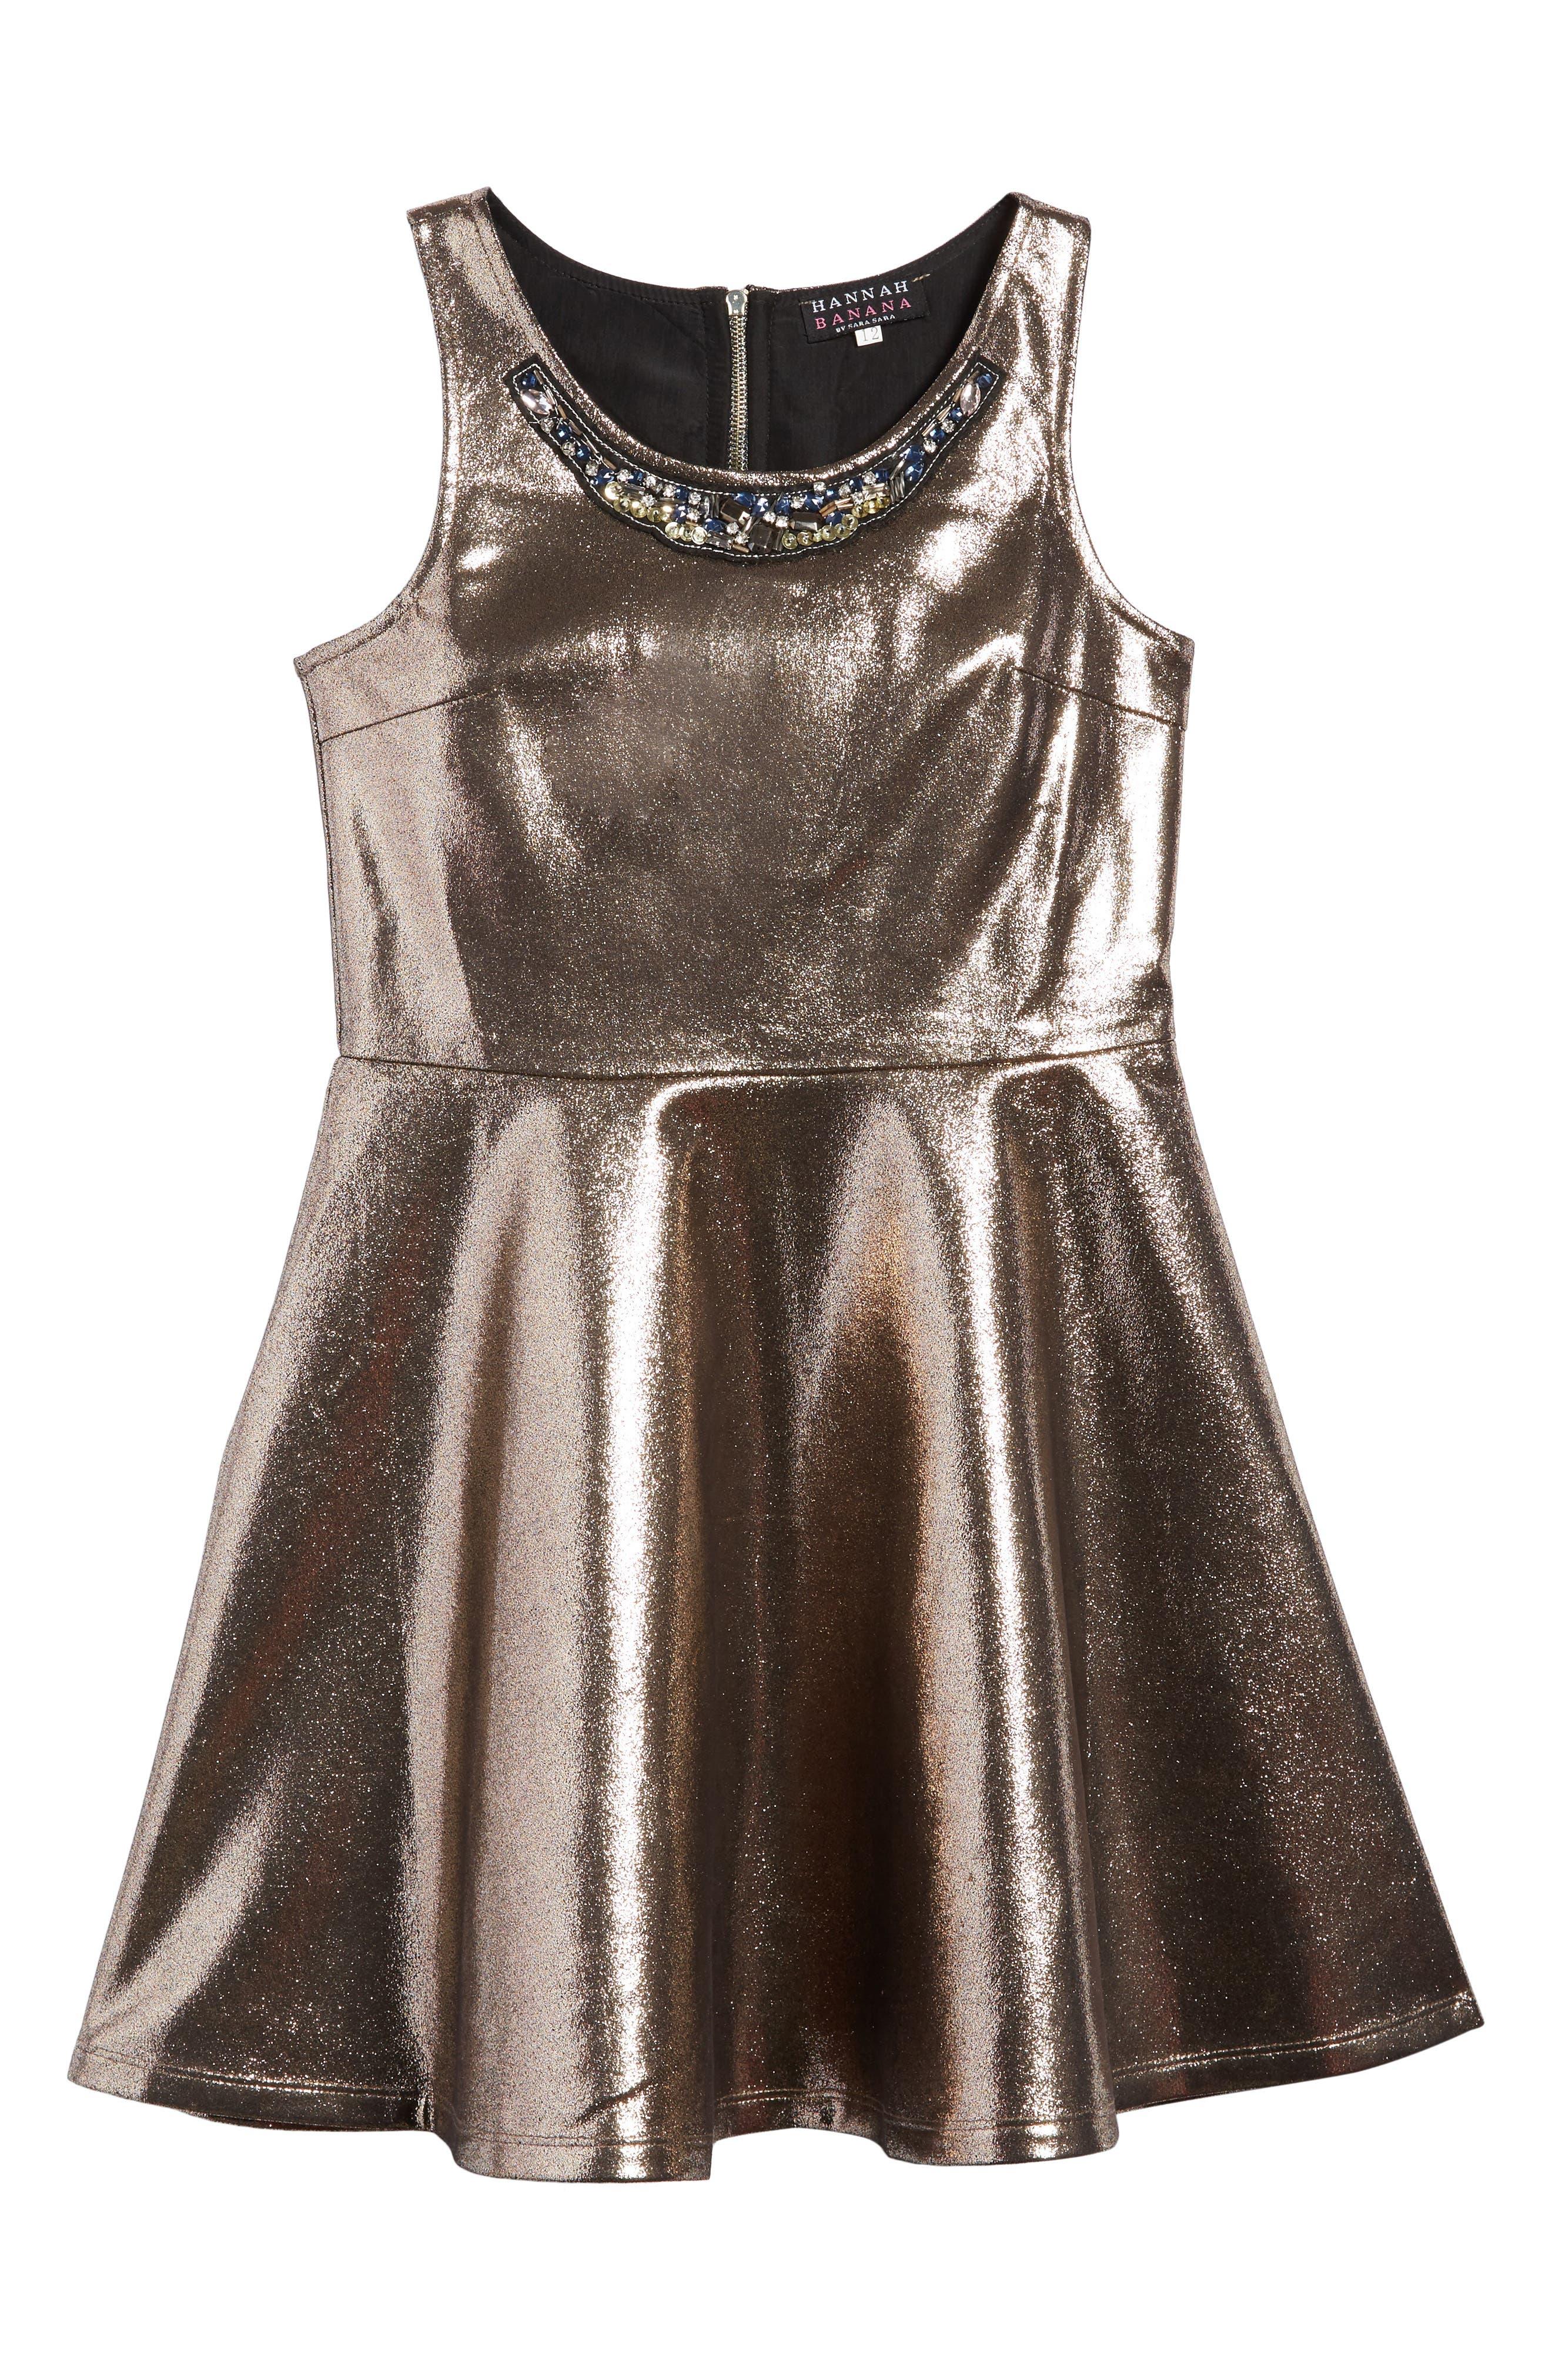 Main Image - Hannah Banana Embellished Metallic Skater Dress (Big Girls)